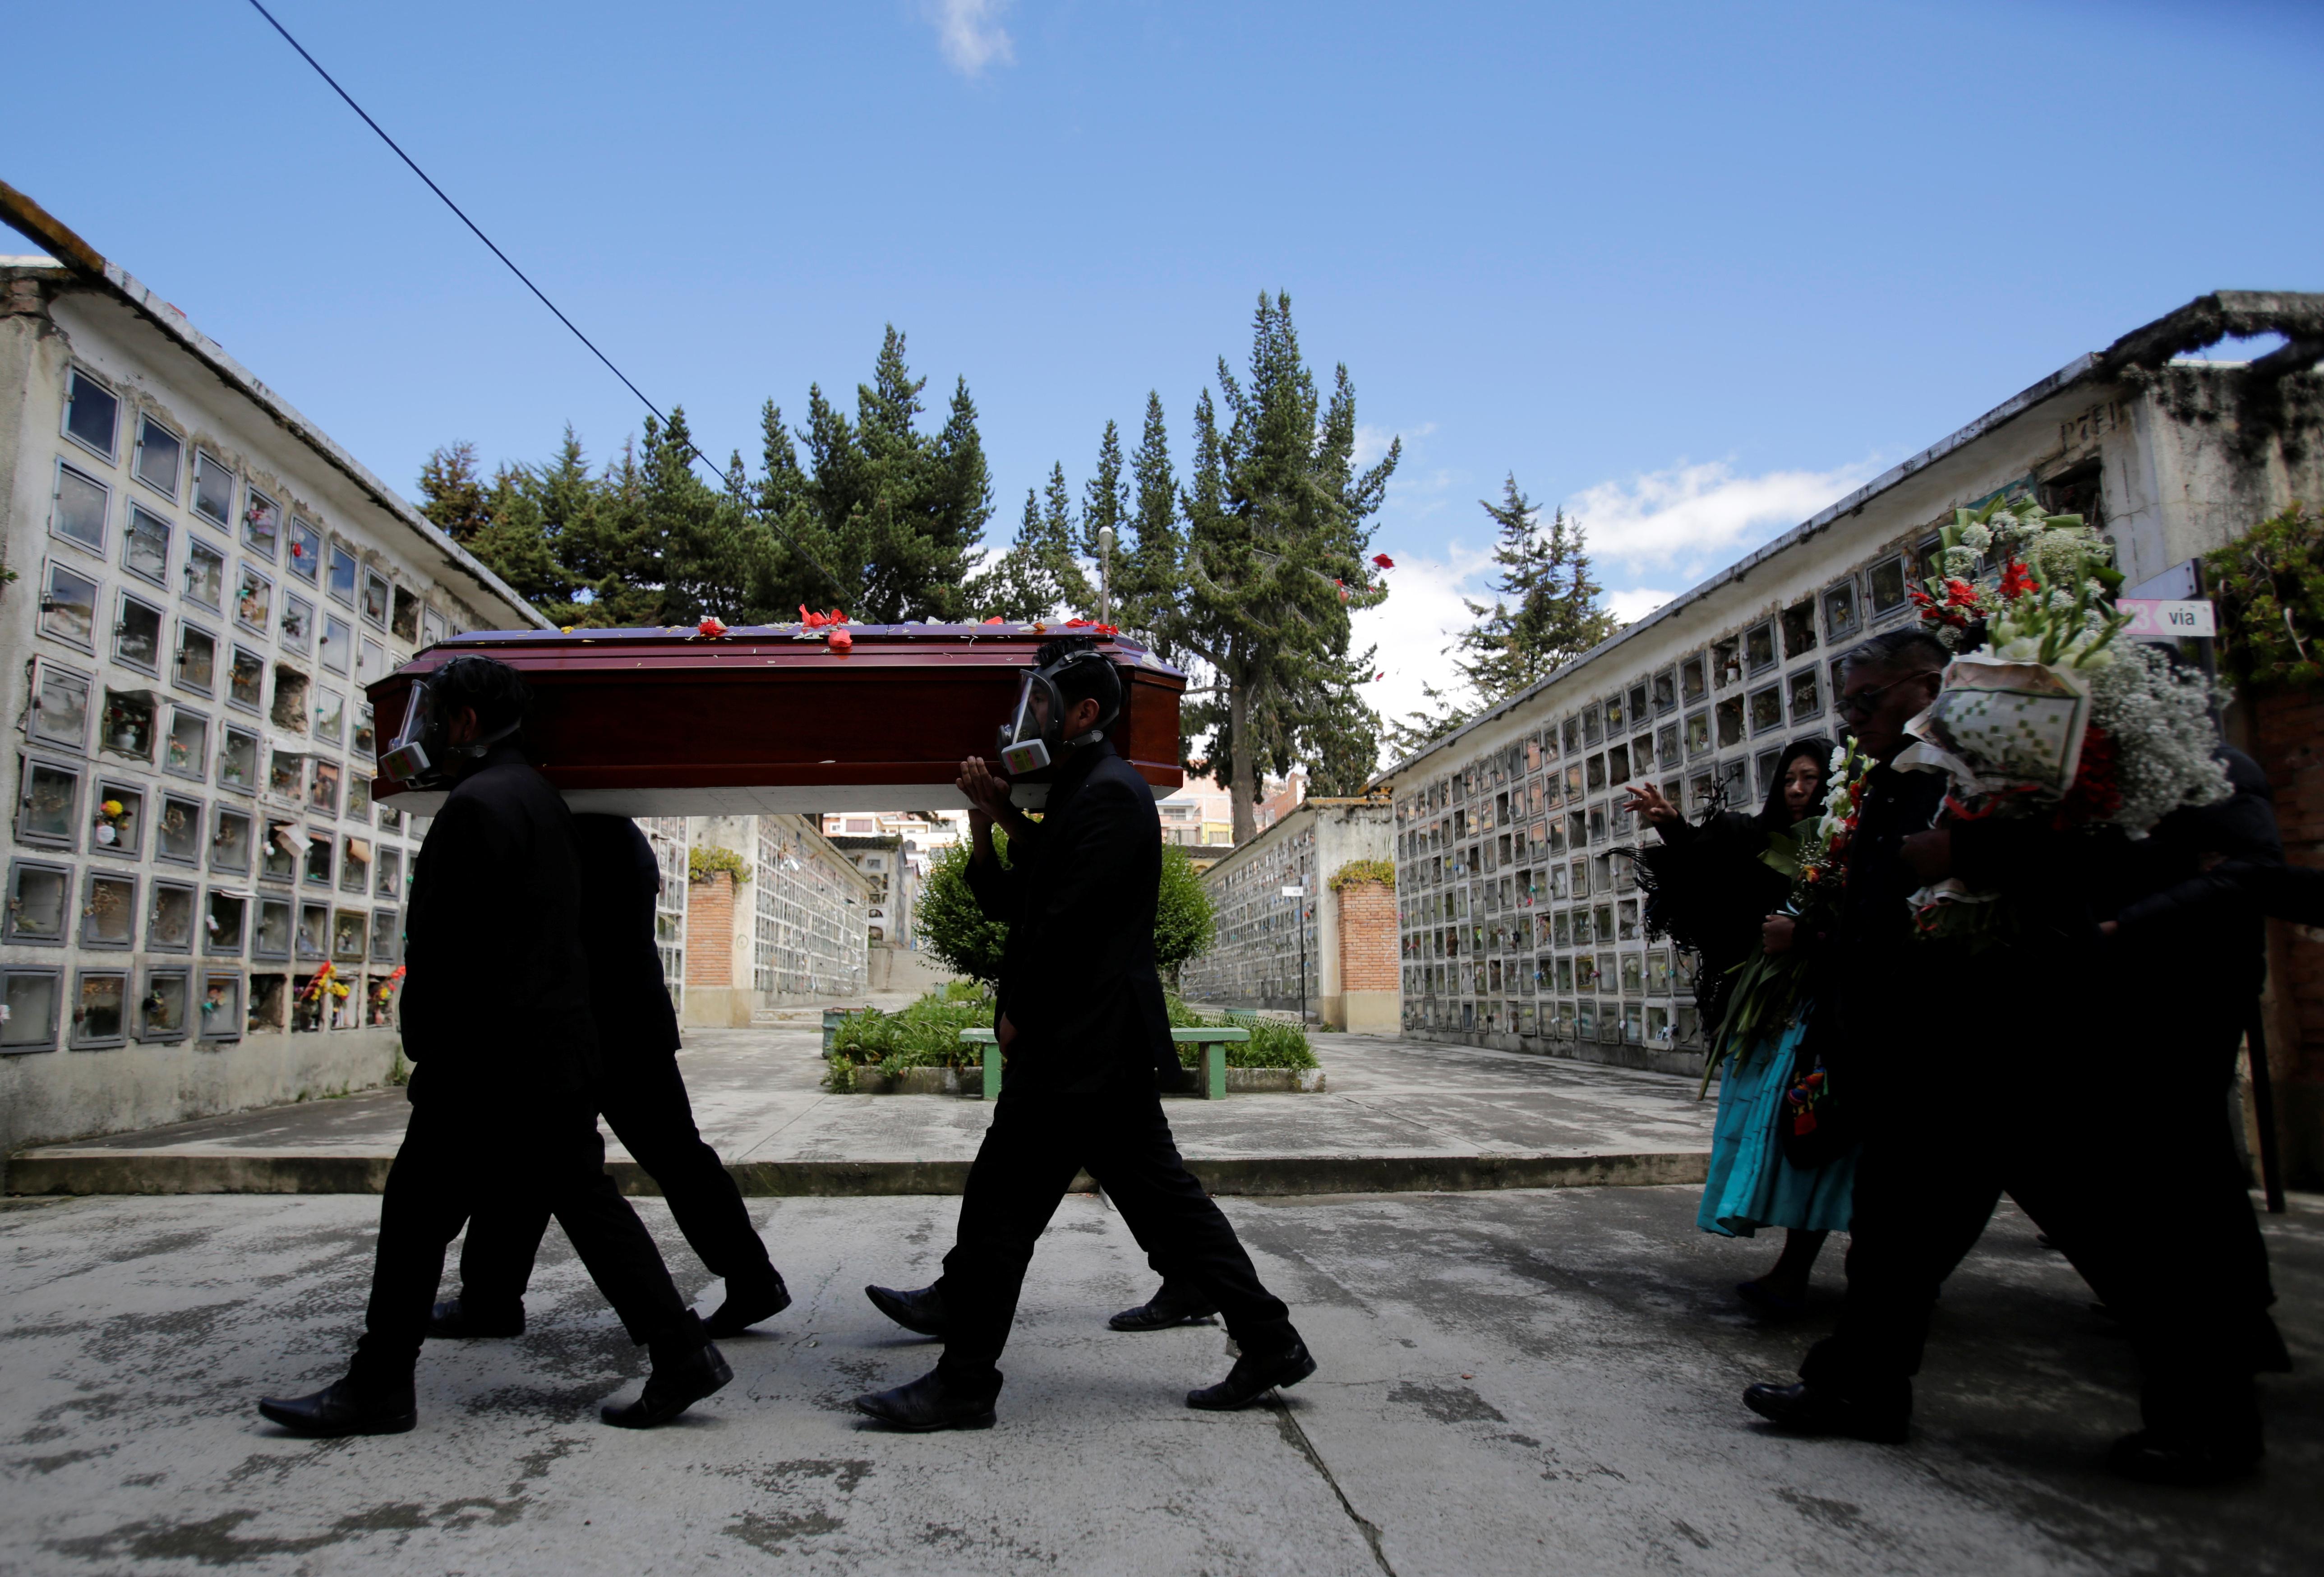 حمل تابوت يحمل جثة رجل توفي بنوبة قلبية ، لا علاقة لها بمرض الفيروس التاجي في مقبرة في لاباز ، بوليفيا